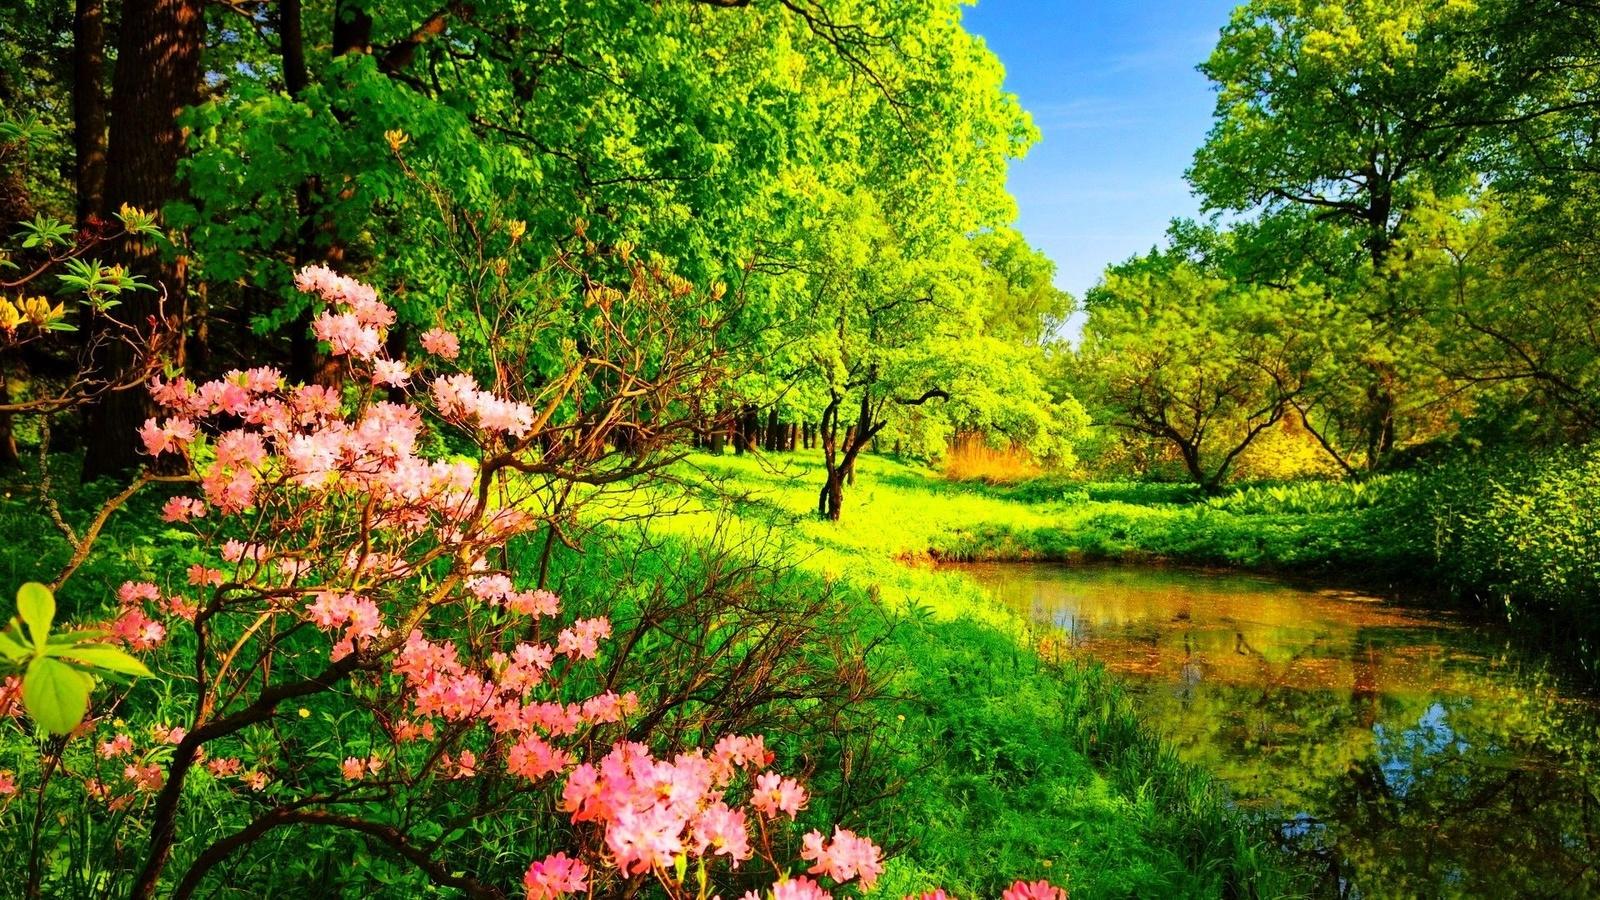 Открытка, найти живые картинки весну и лето для стола